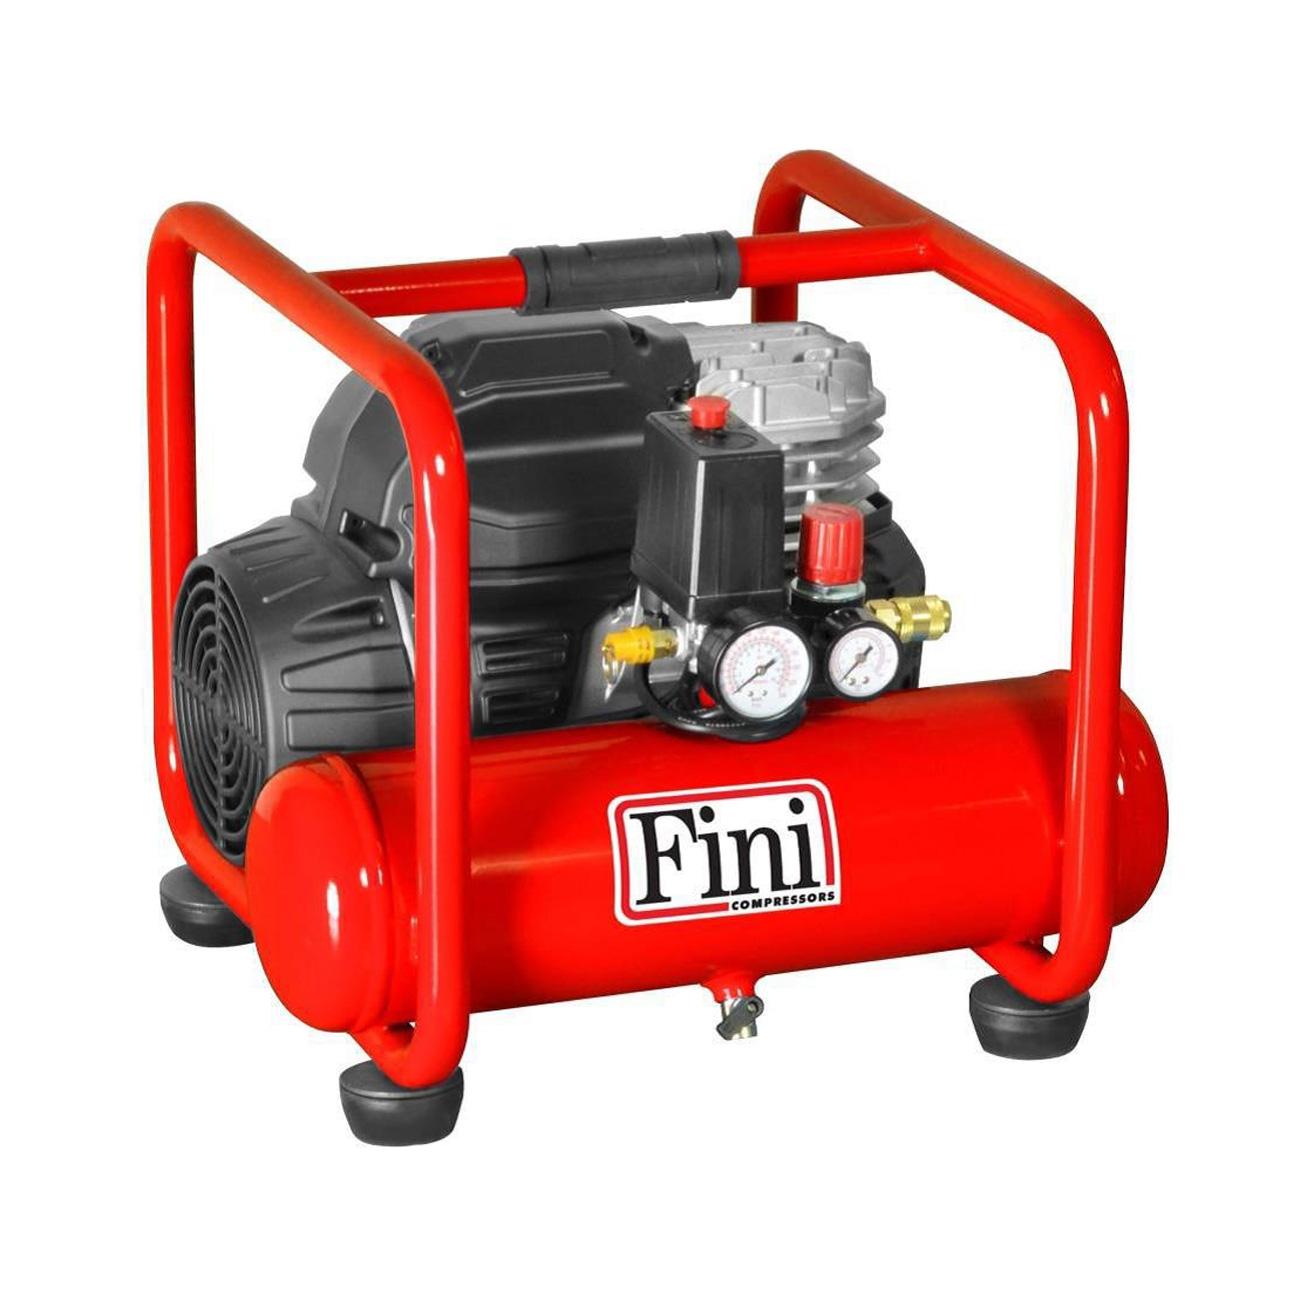 Fini OL244 / 6 Vento Rollcage Air compressor 6 lt